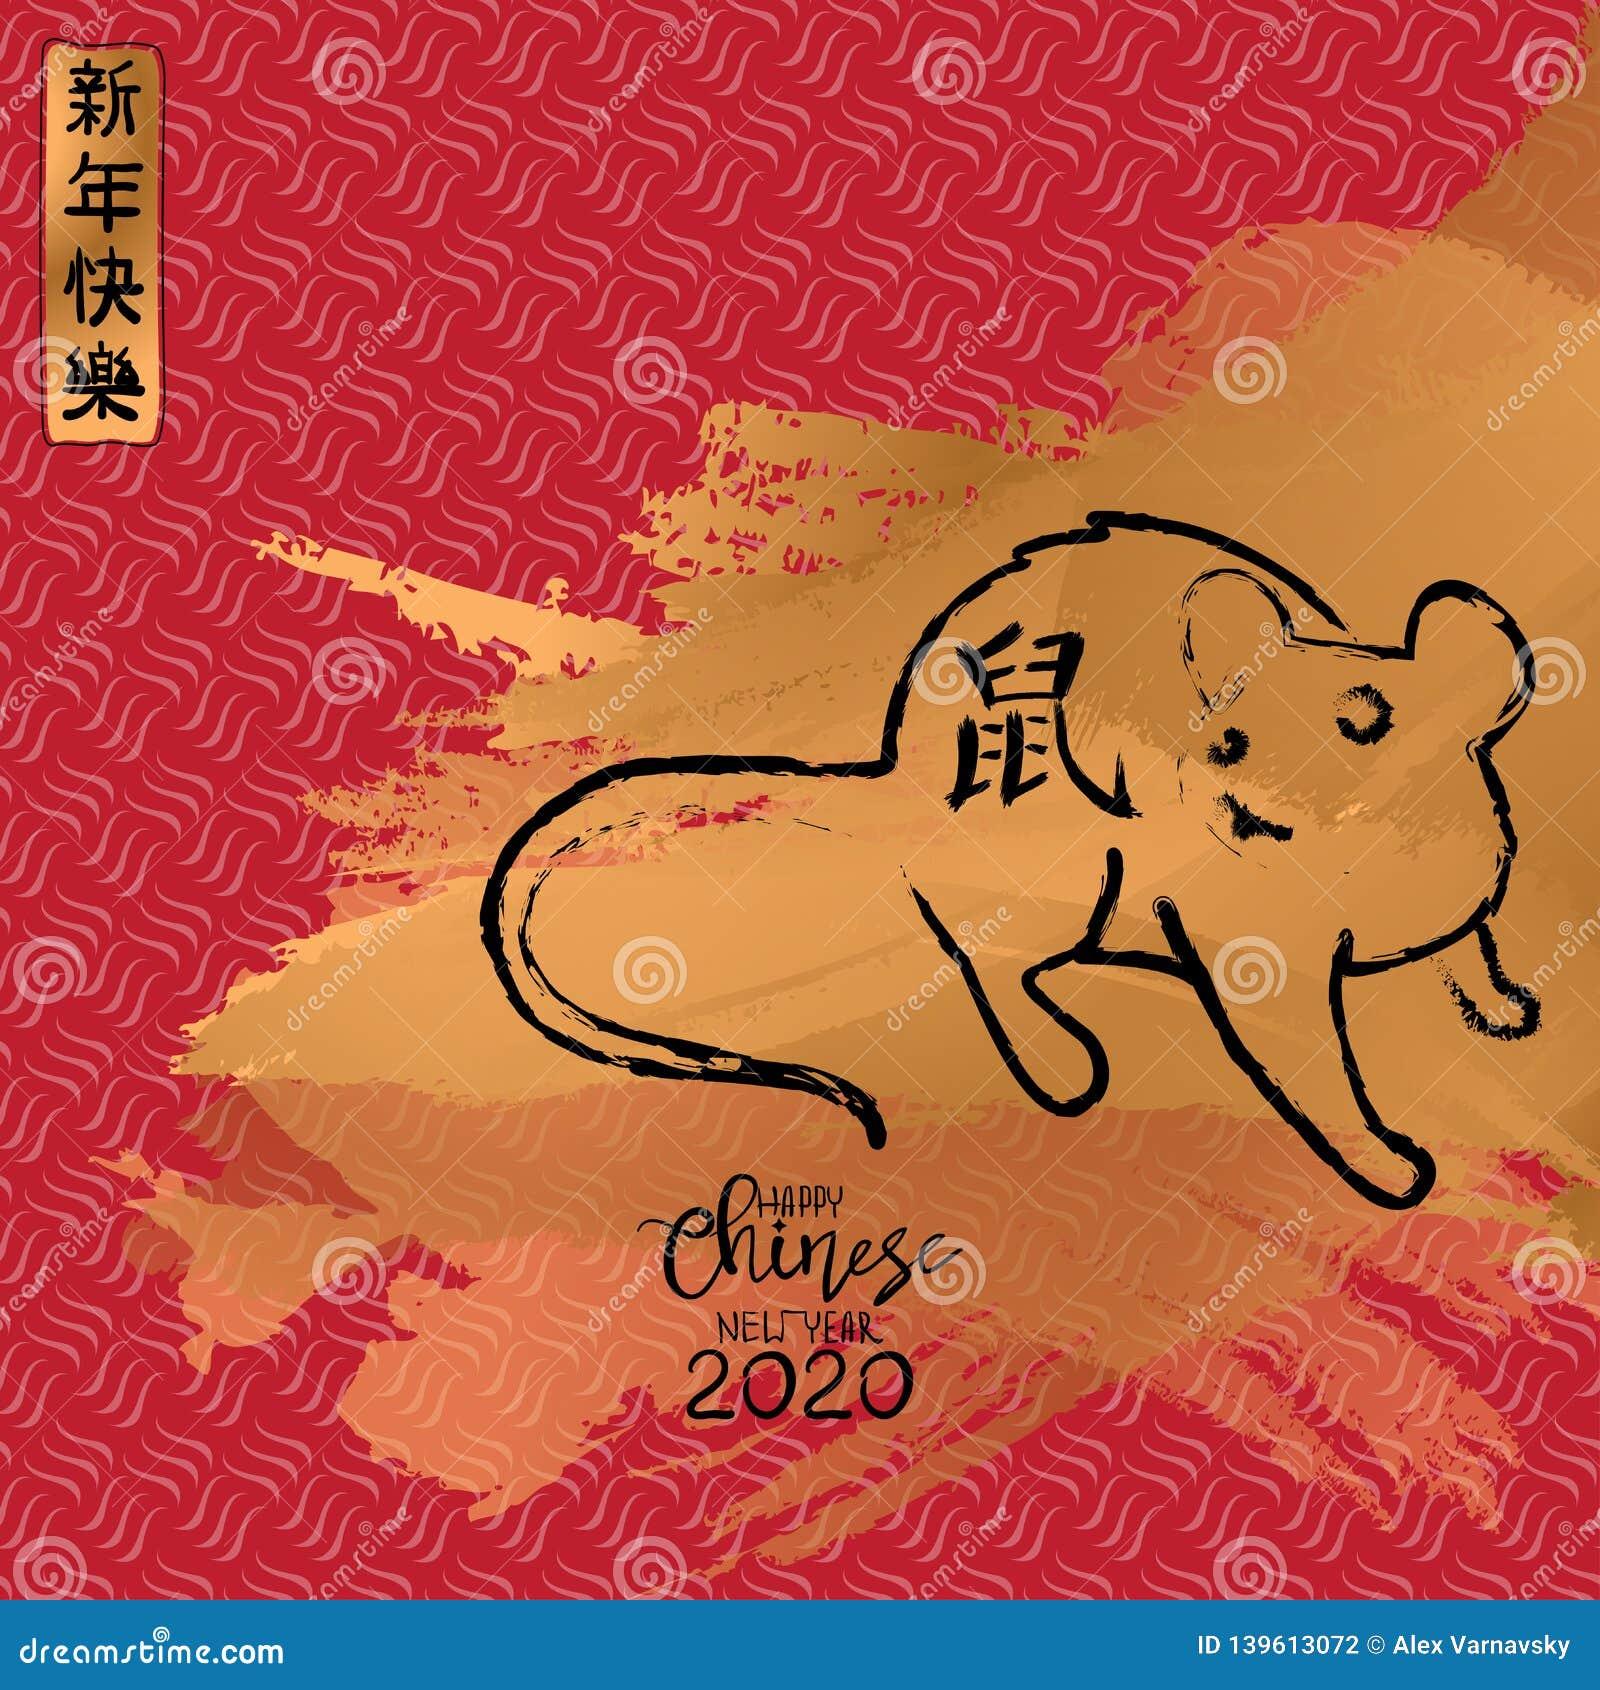 农历新年2020年背景中国翻译新年快乐分开的象形文字鼠